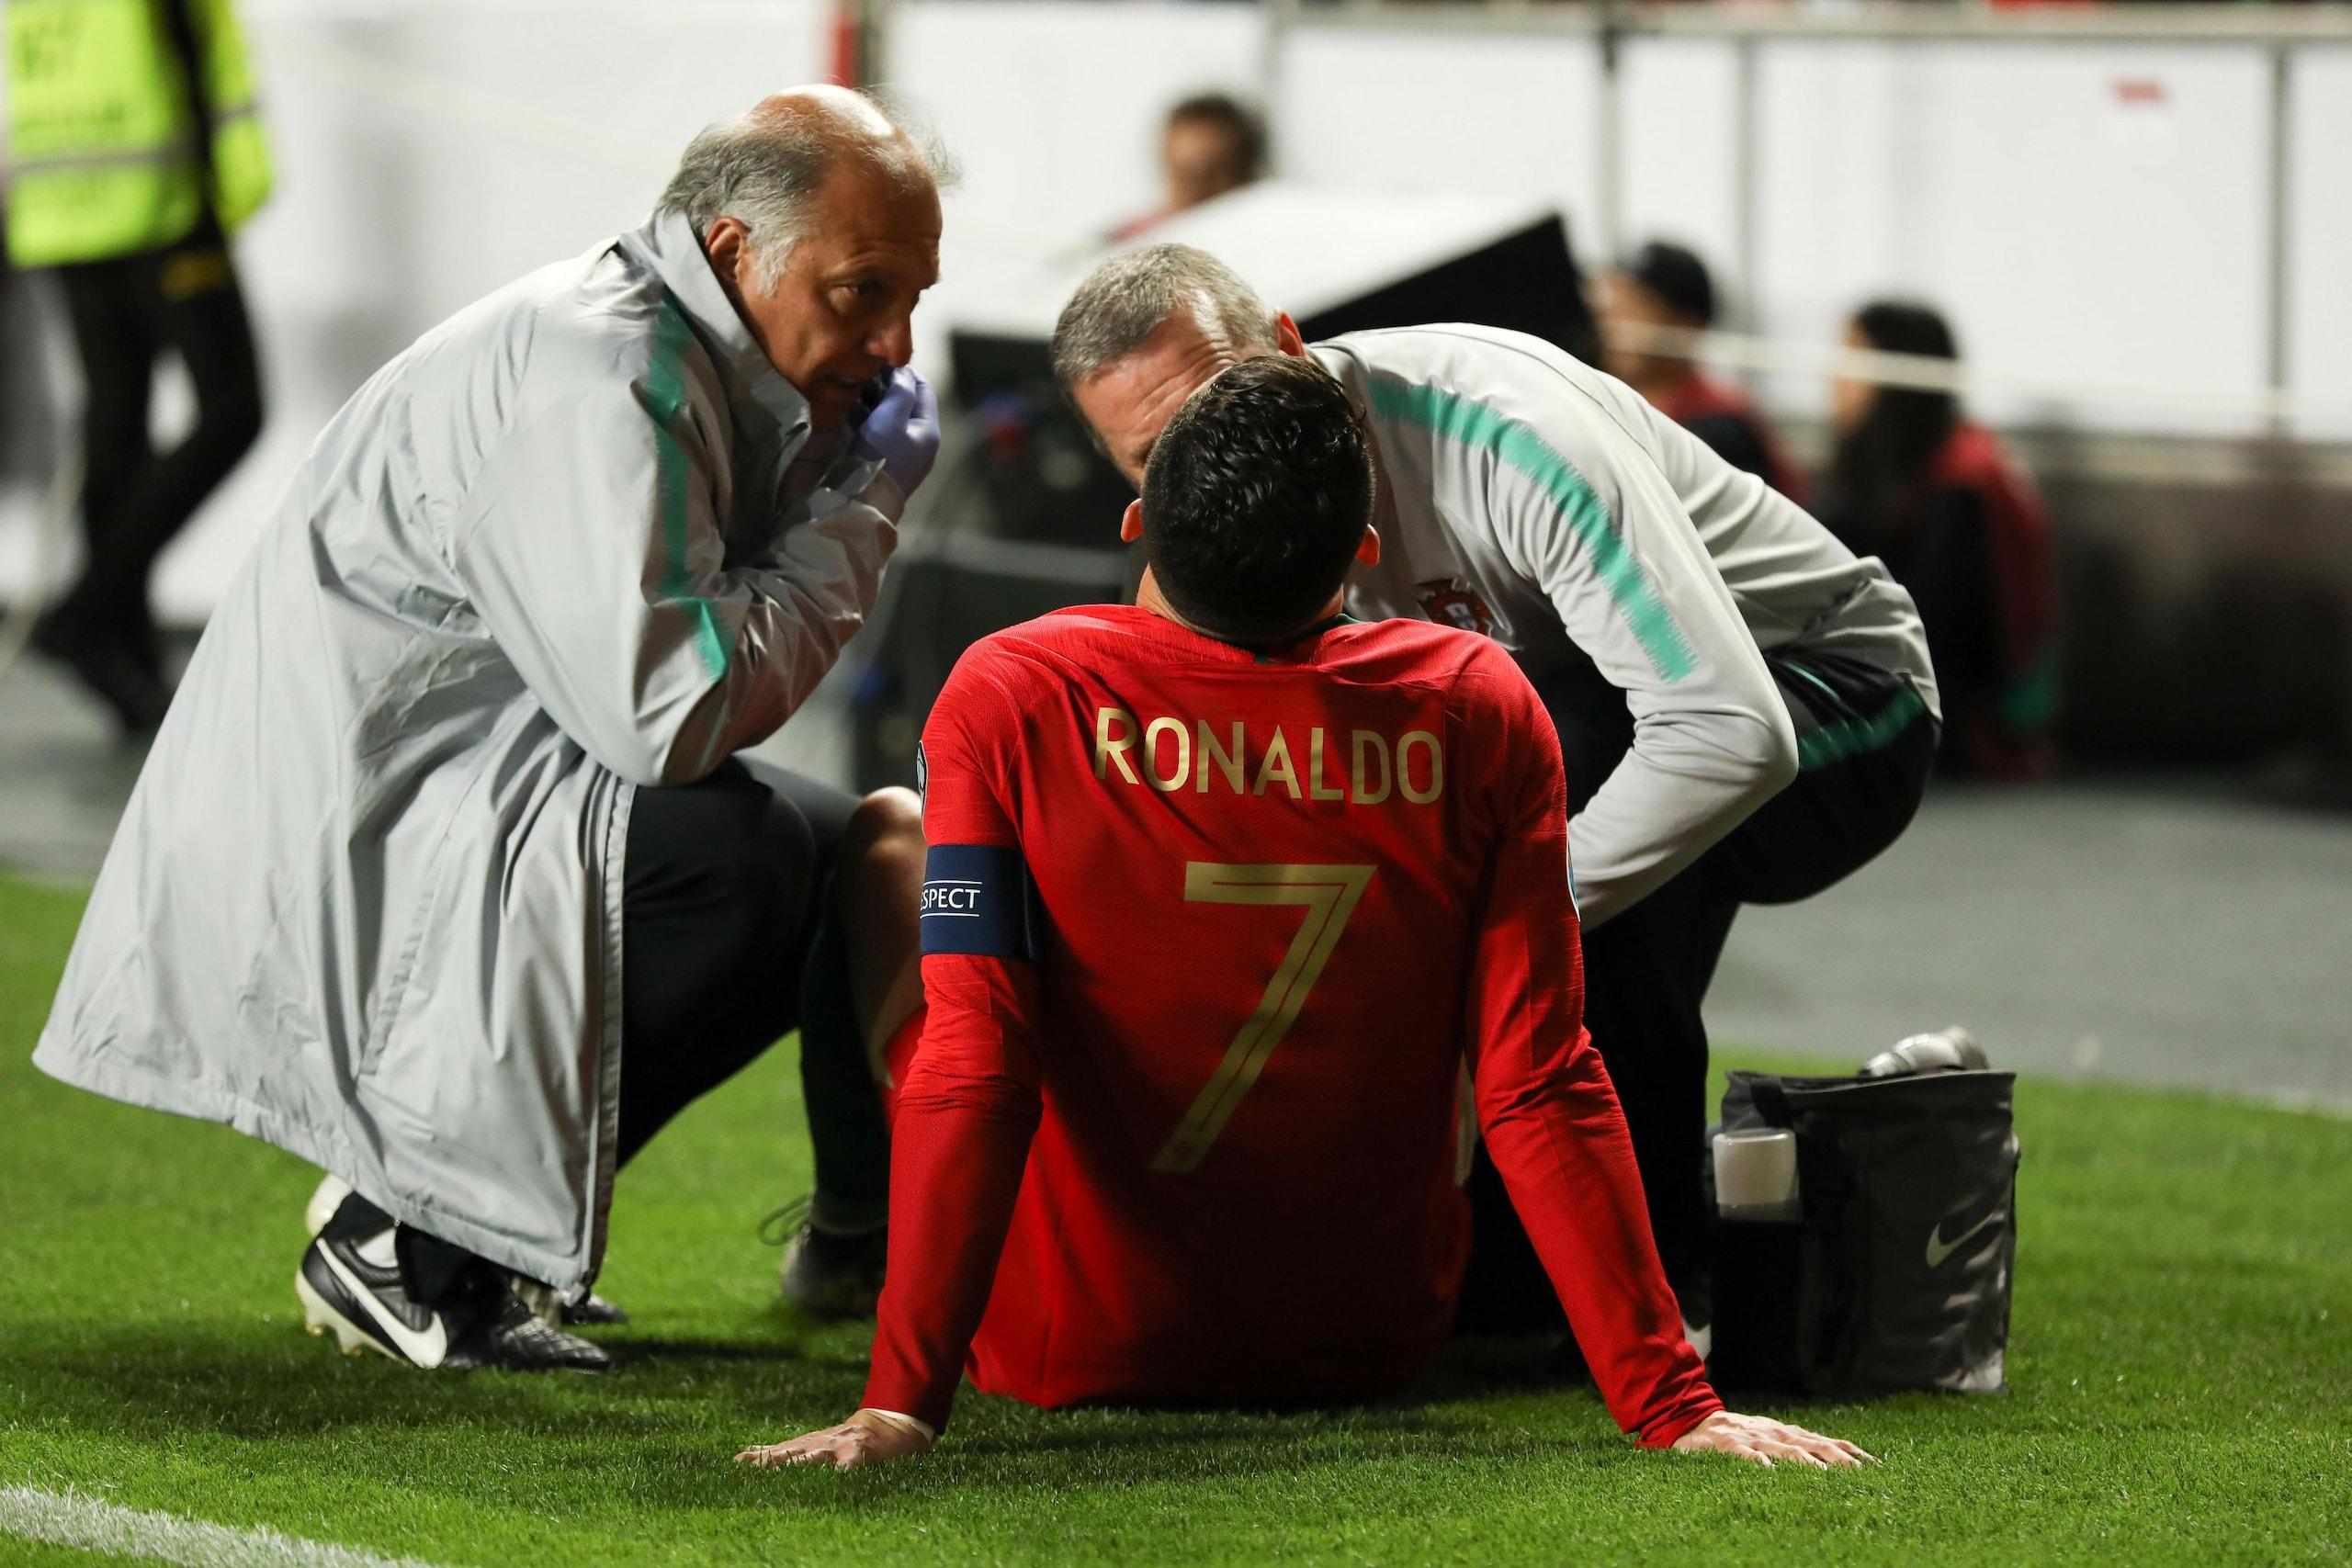 Portogallo-Serbia: si infortuna Ronaldo